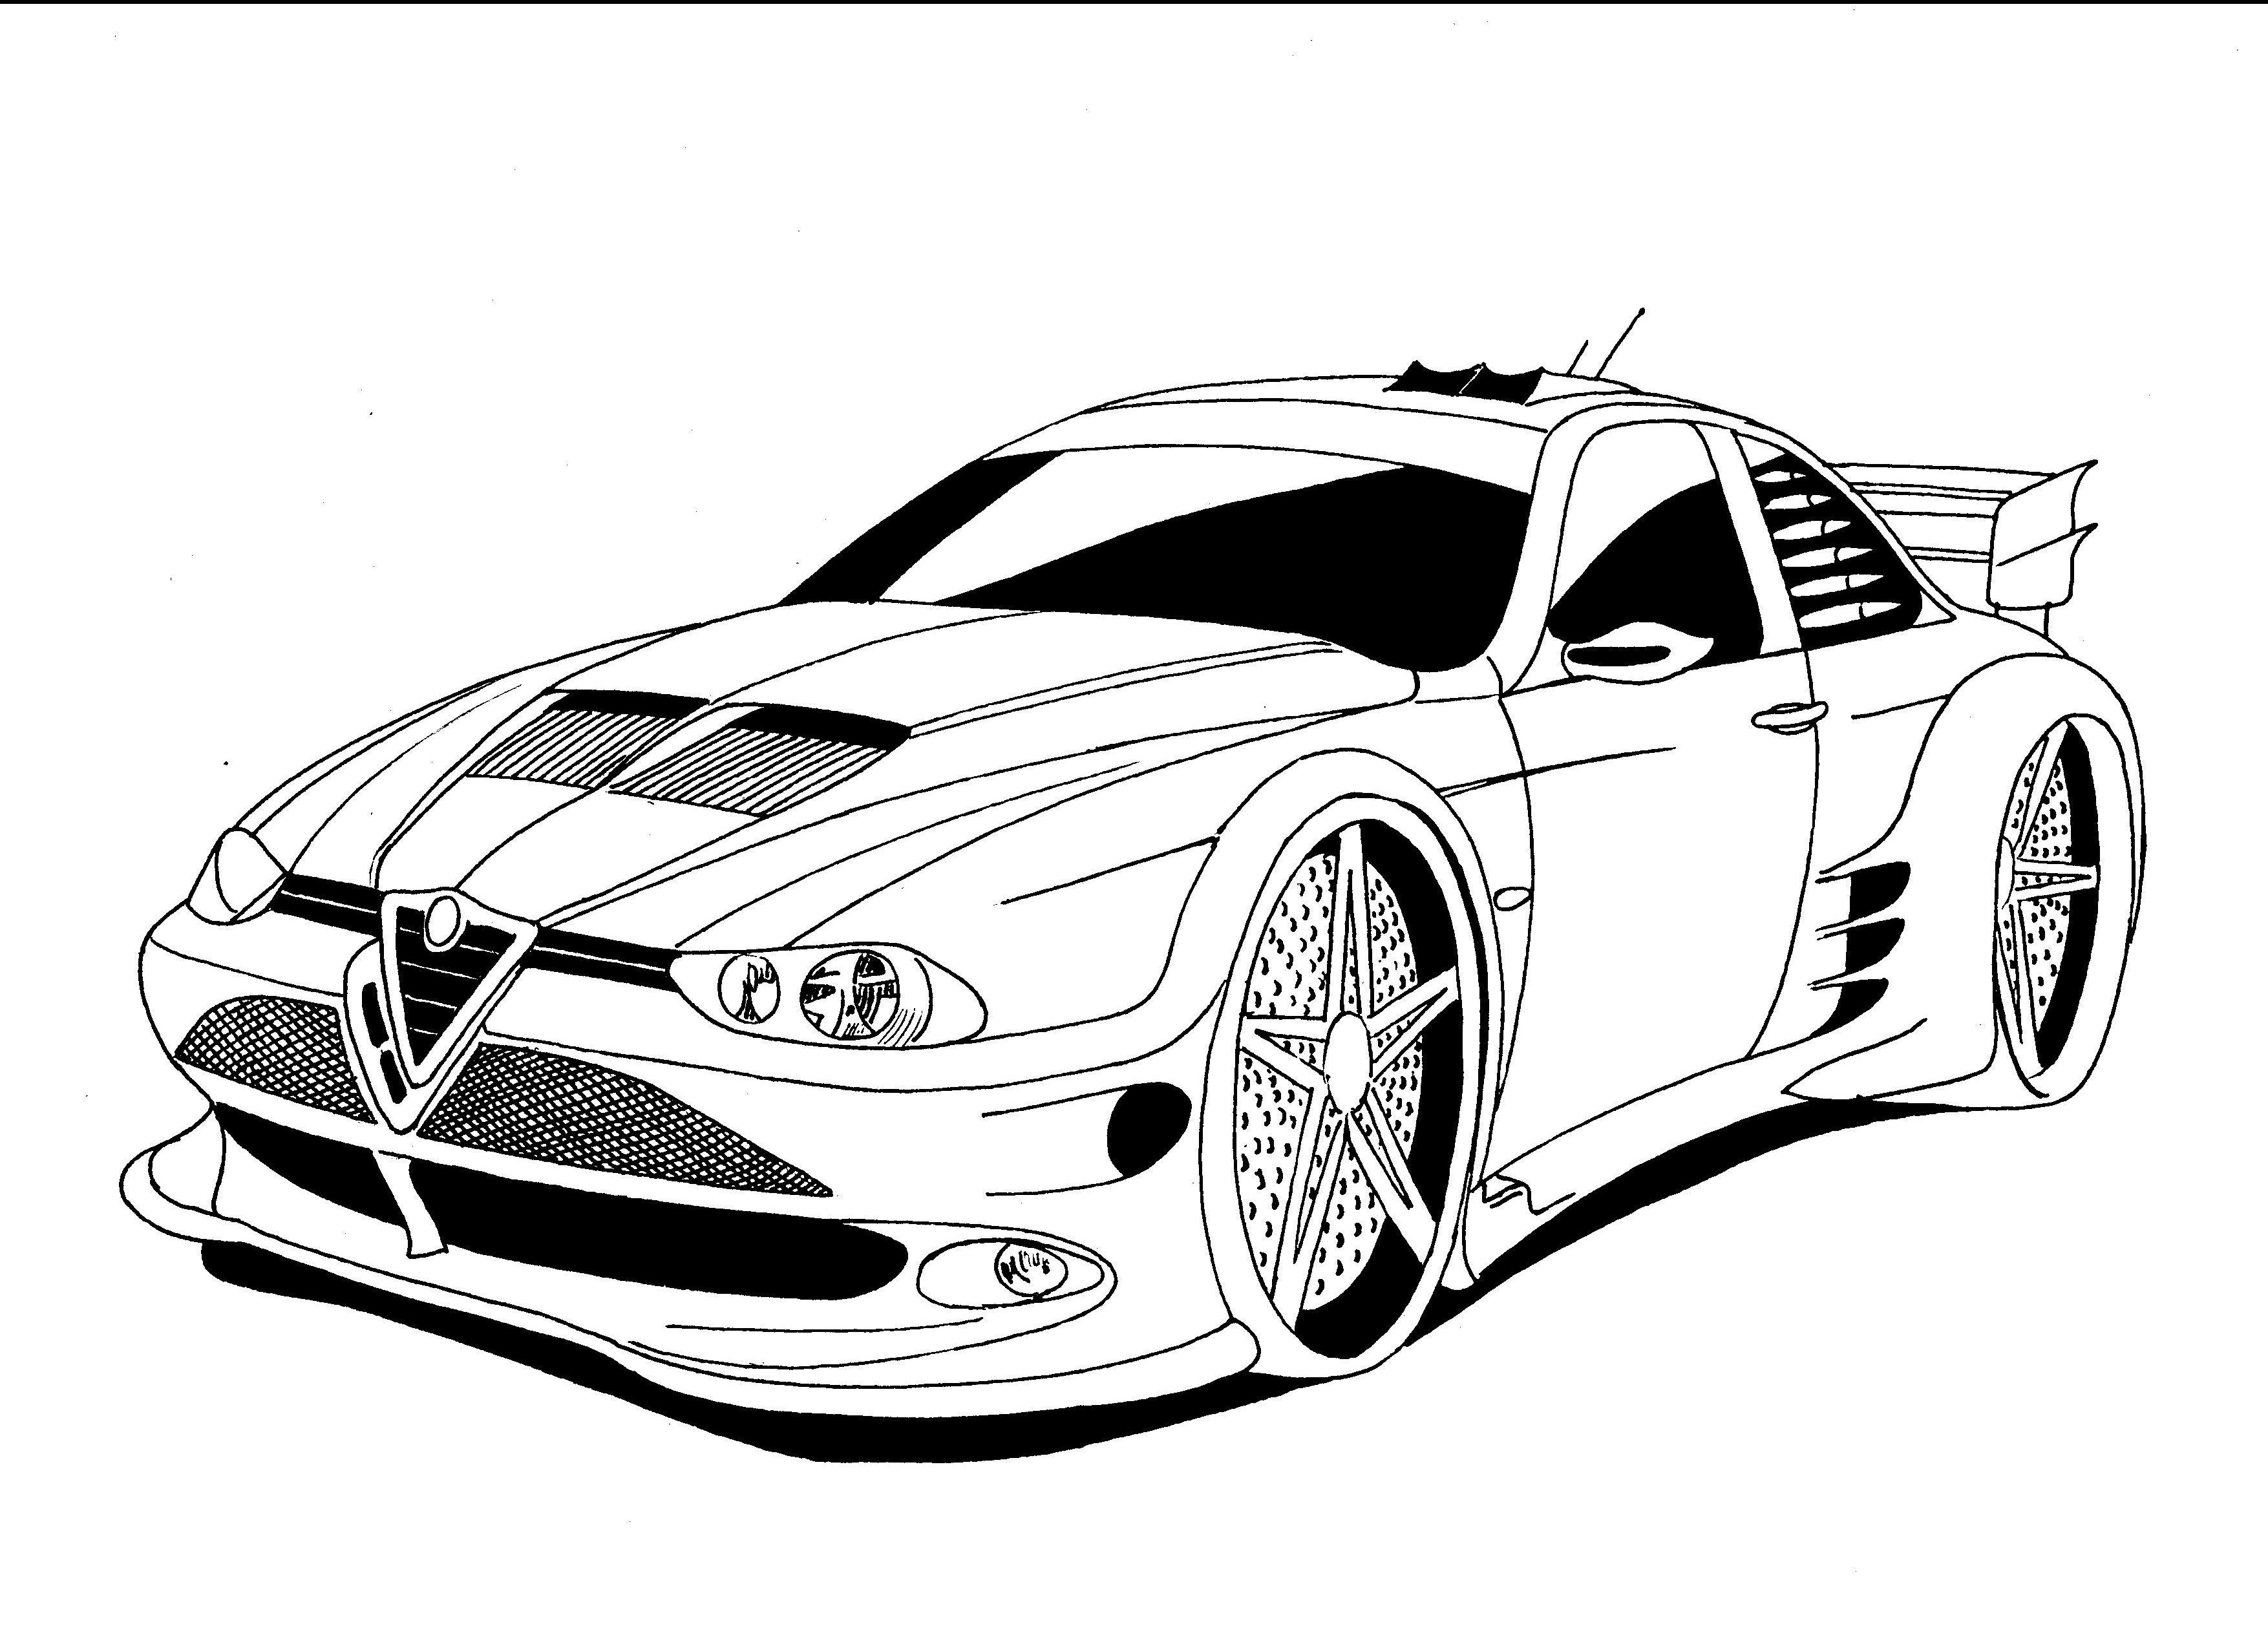 Alfa Wtc Alfa Alfaromeo Wtc Touringcar Trackcar Italia Italian Racer Car Cartoon Track Car Touring